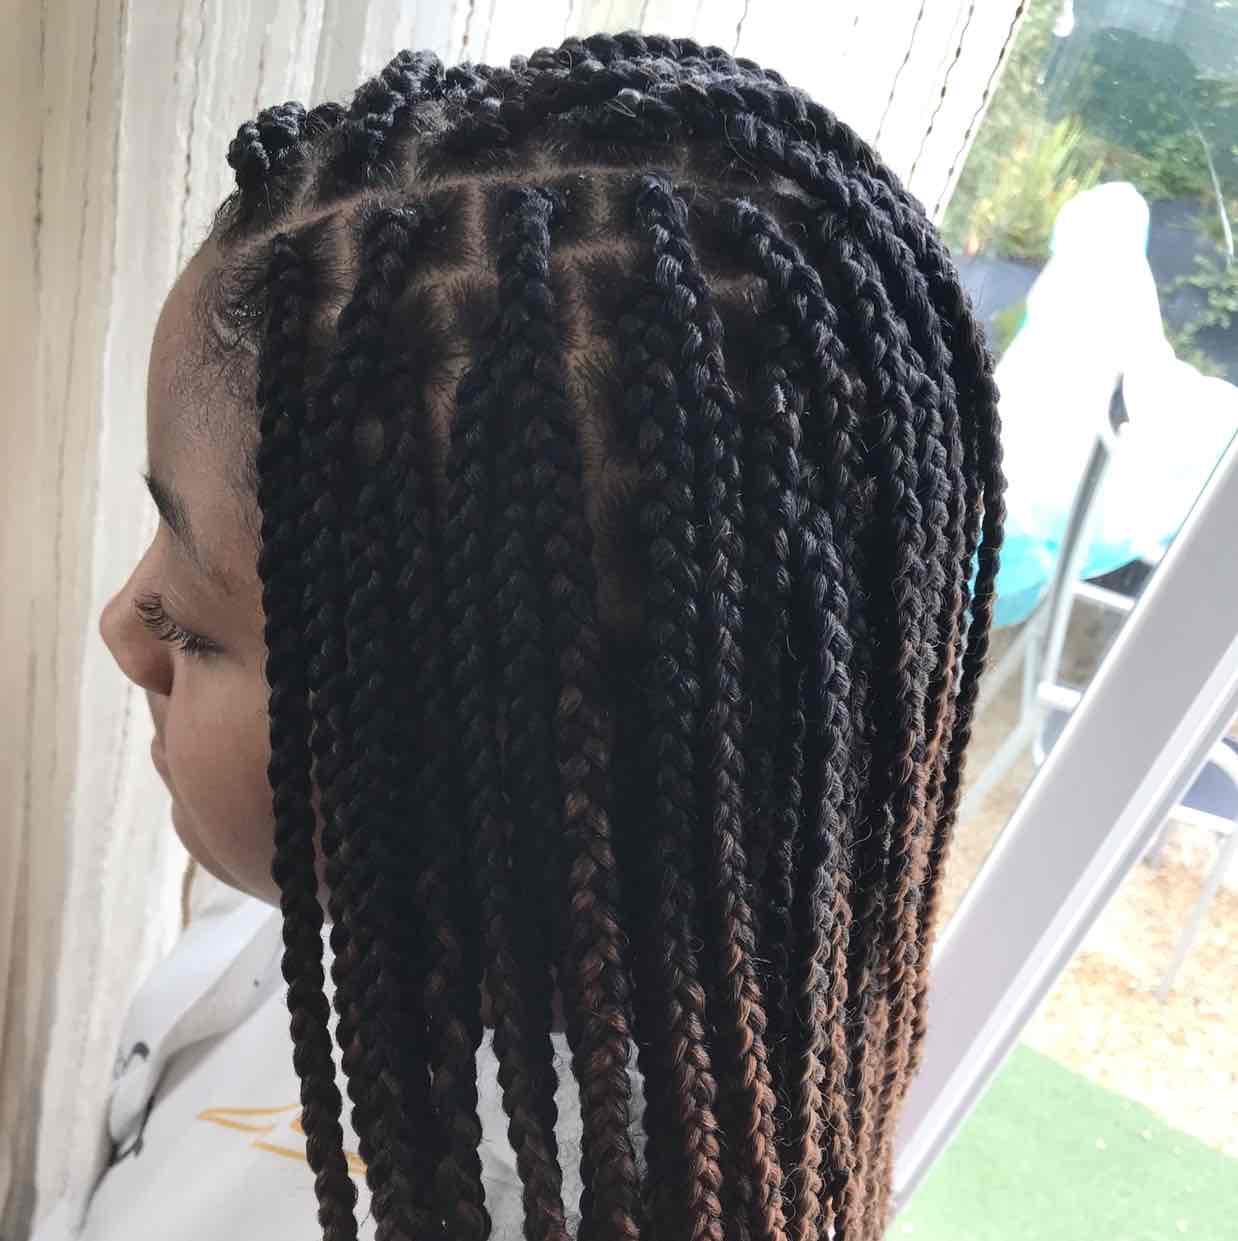 salon de coiffure afro tresse tresses box braids crochet braids vanilles tissages paris 75 77 78 91 92 93 94 95 RJPTBNNU